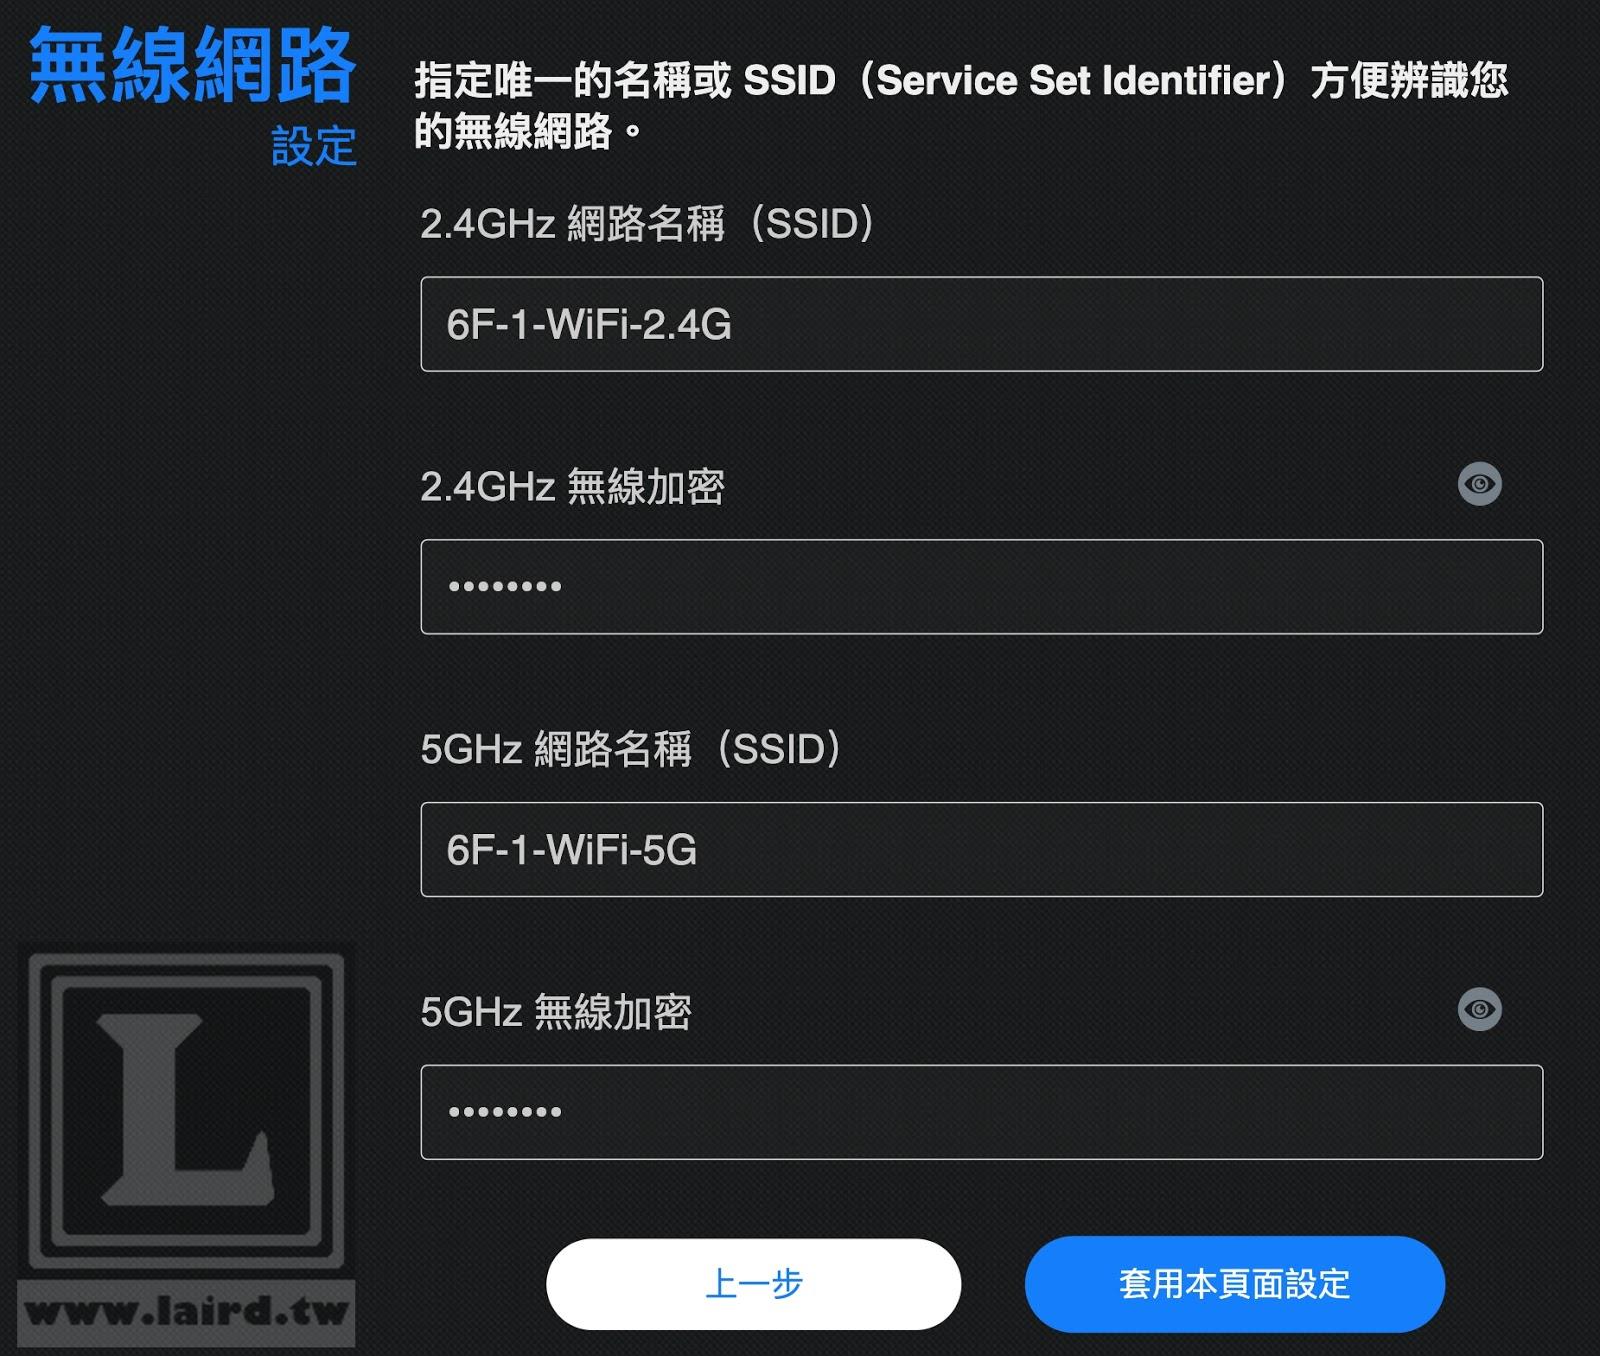 [ 教學 ] [ 經驗分享 ] 如何快速設定 ASUS RT-AC68U / RT-AC66U+ WiFi 路由器 | Laird Studio